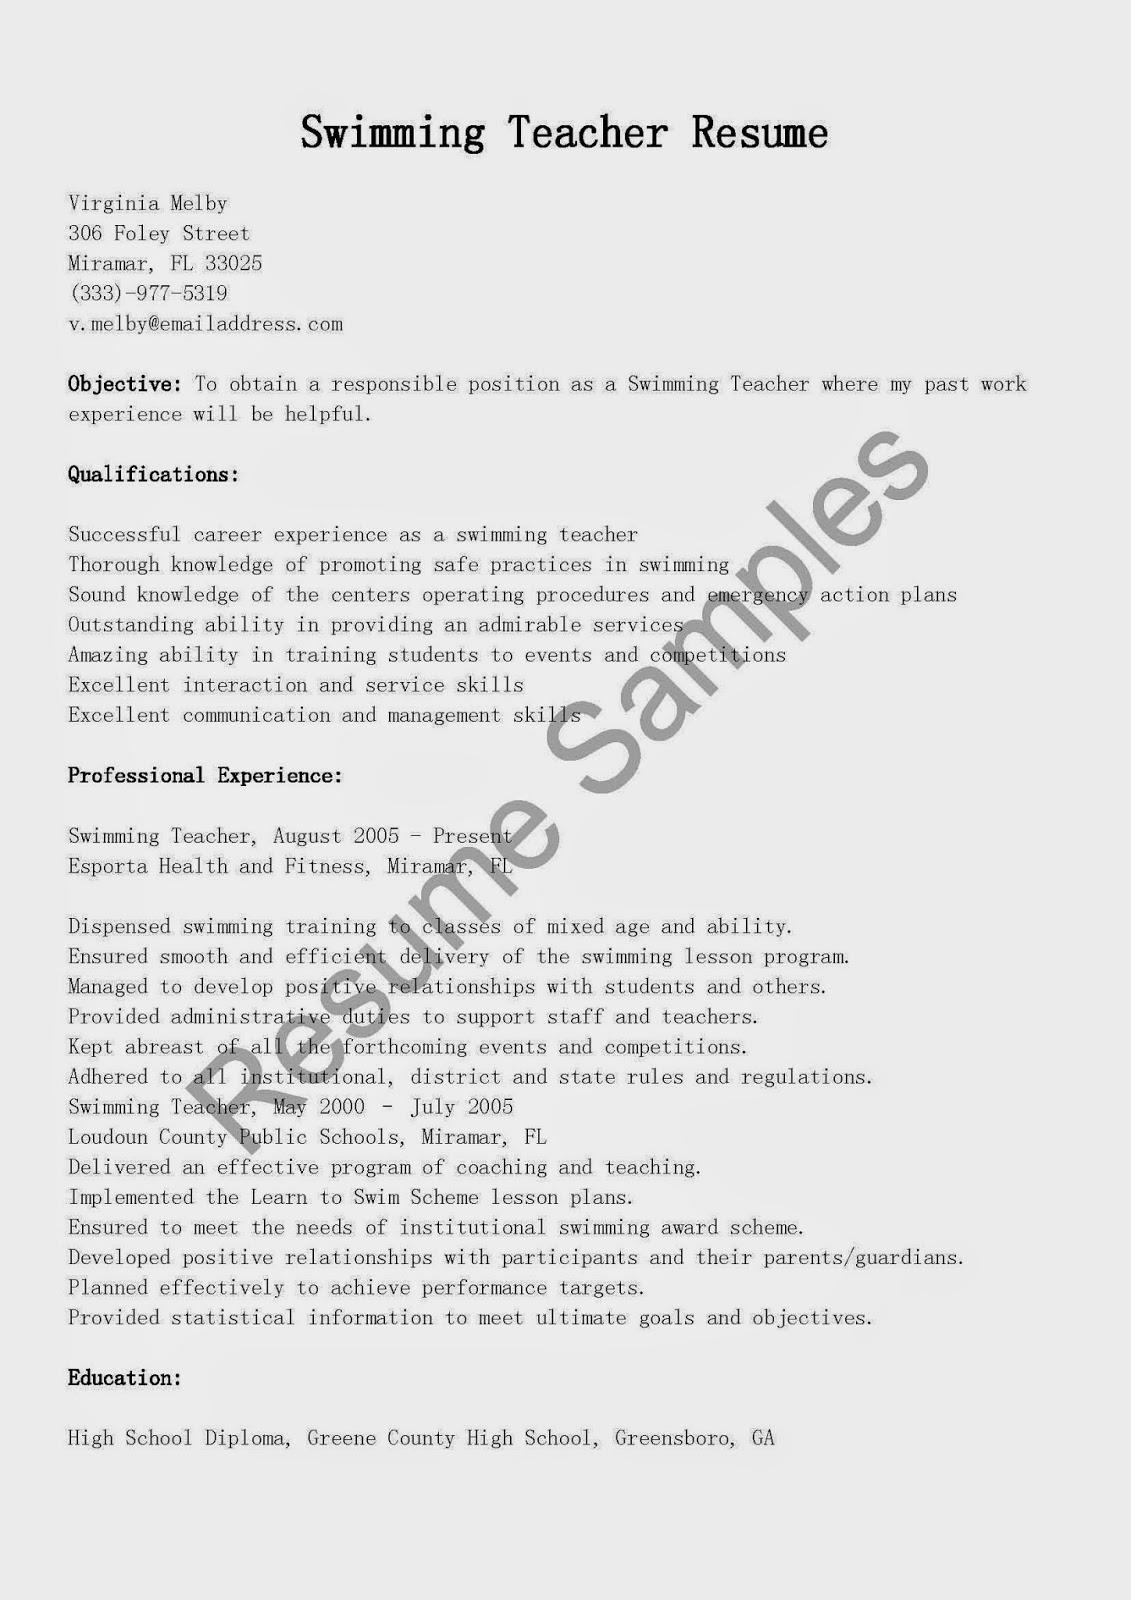 resume samples  swimming teacher resume sample